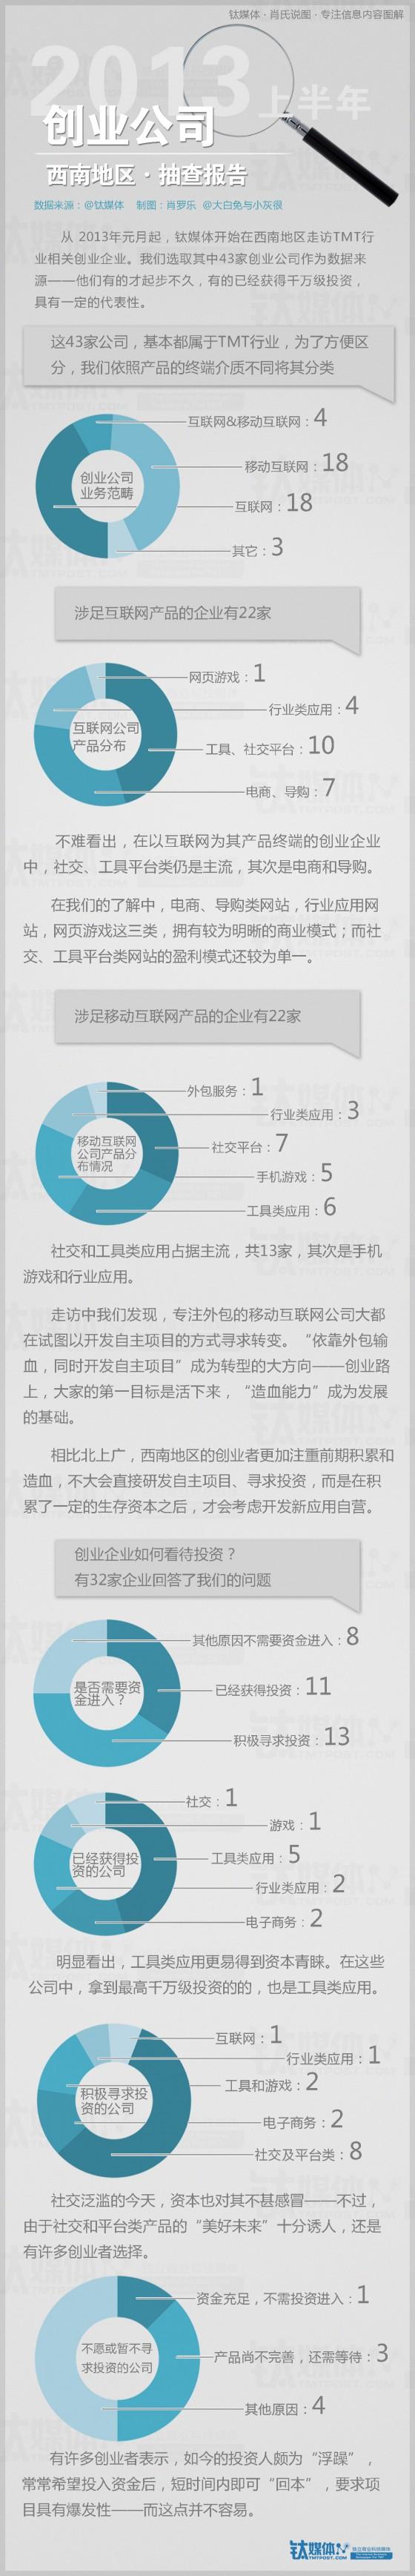 2013上半年-西南创业公司抽查报告